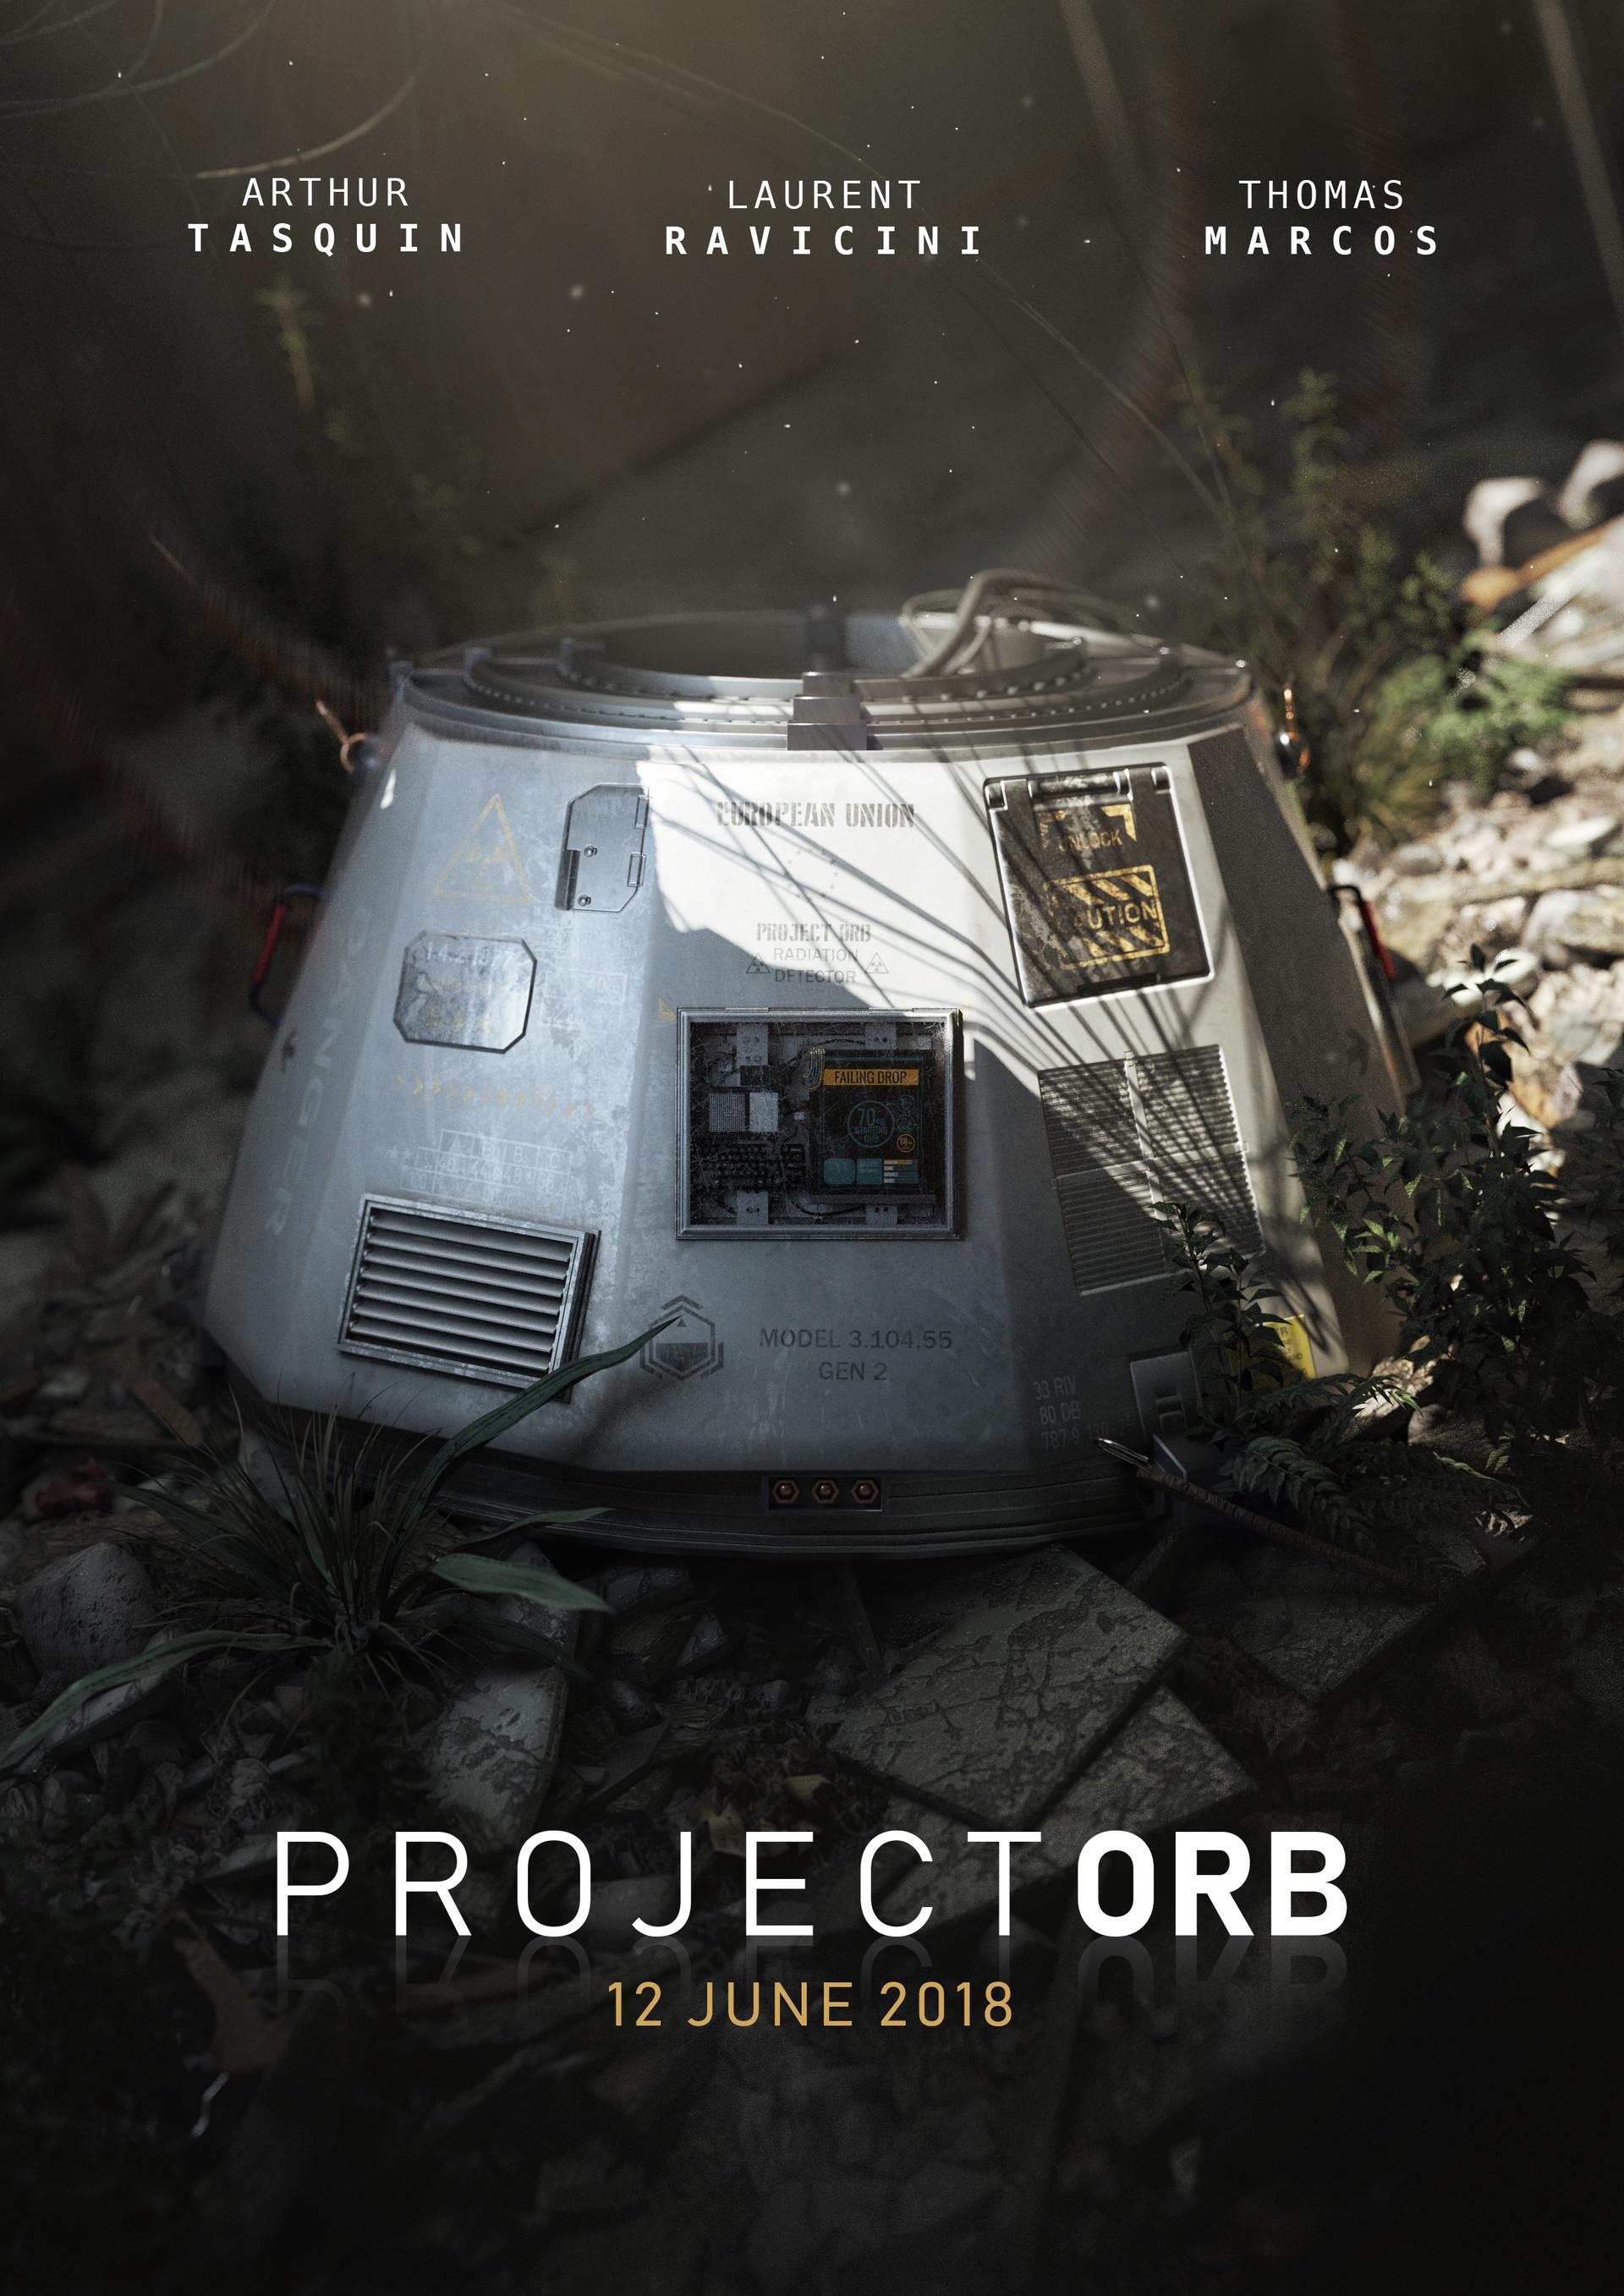 Artstation Project Orb Poster Arthur Tasquin